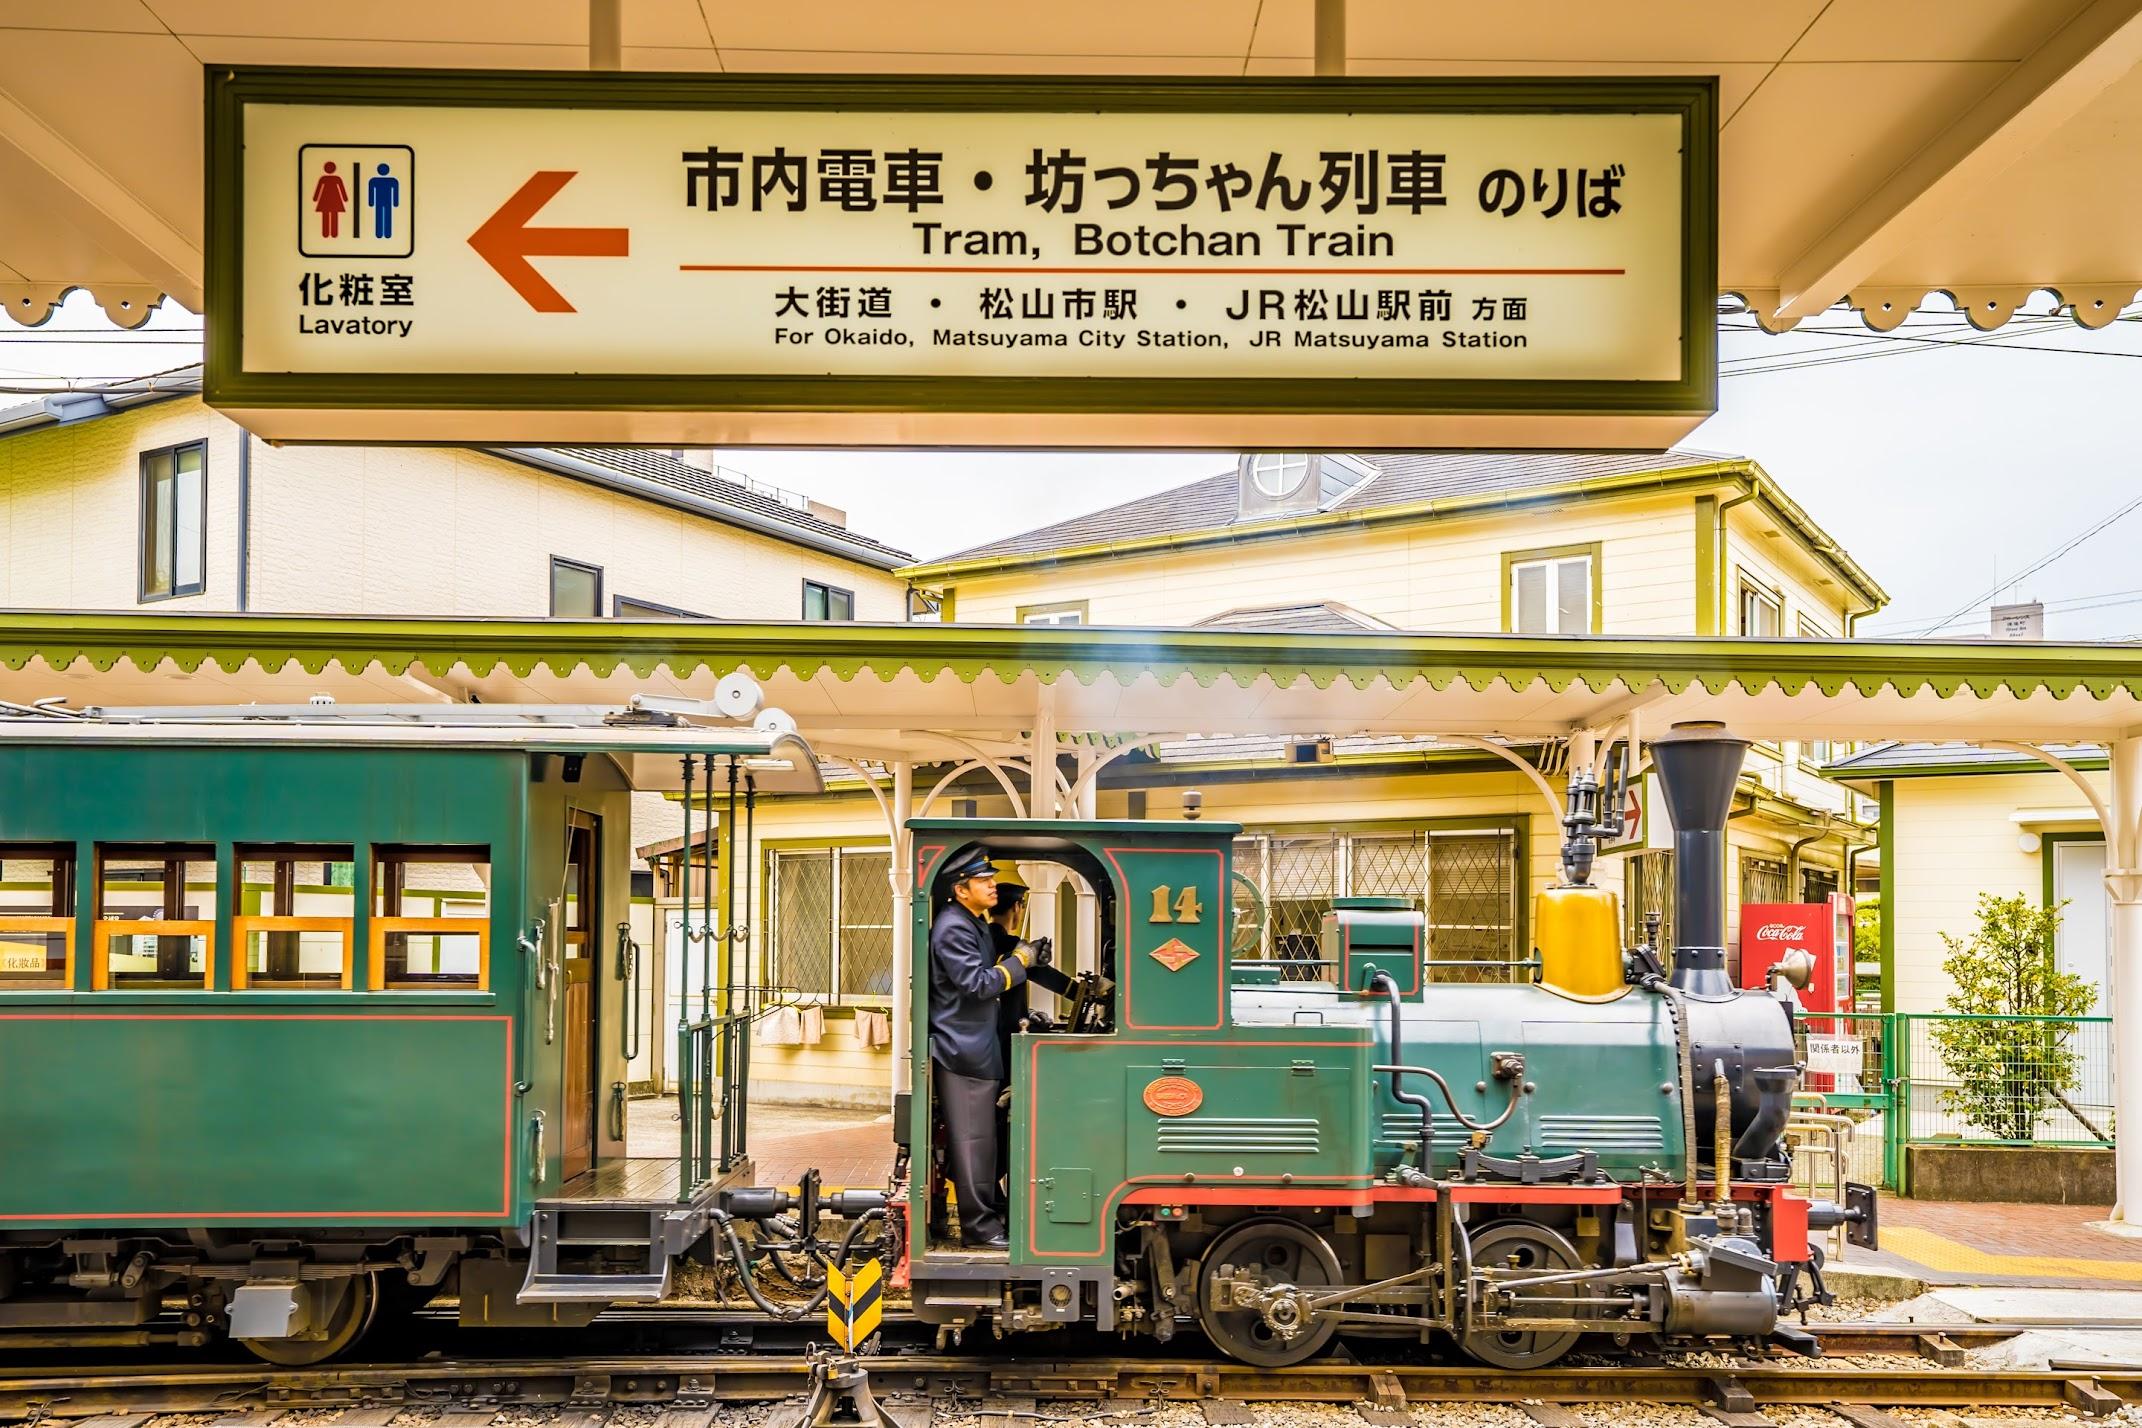 坊っちゃん列車3